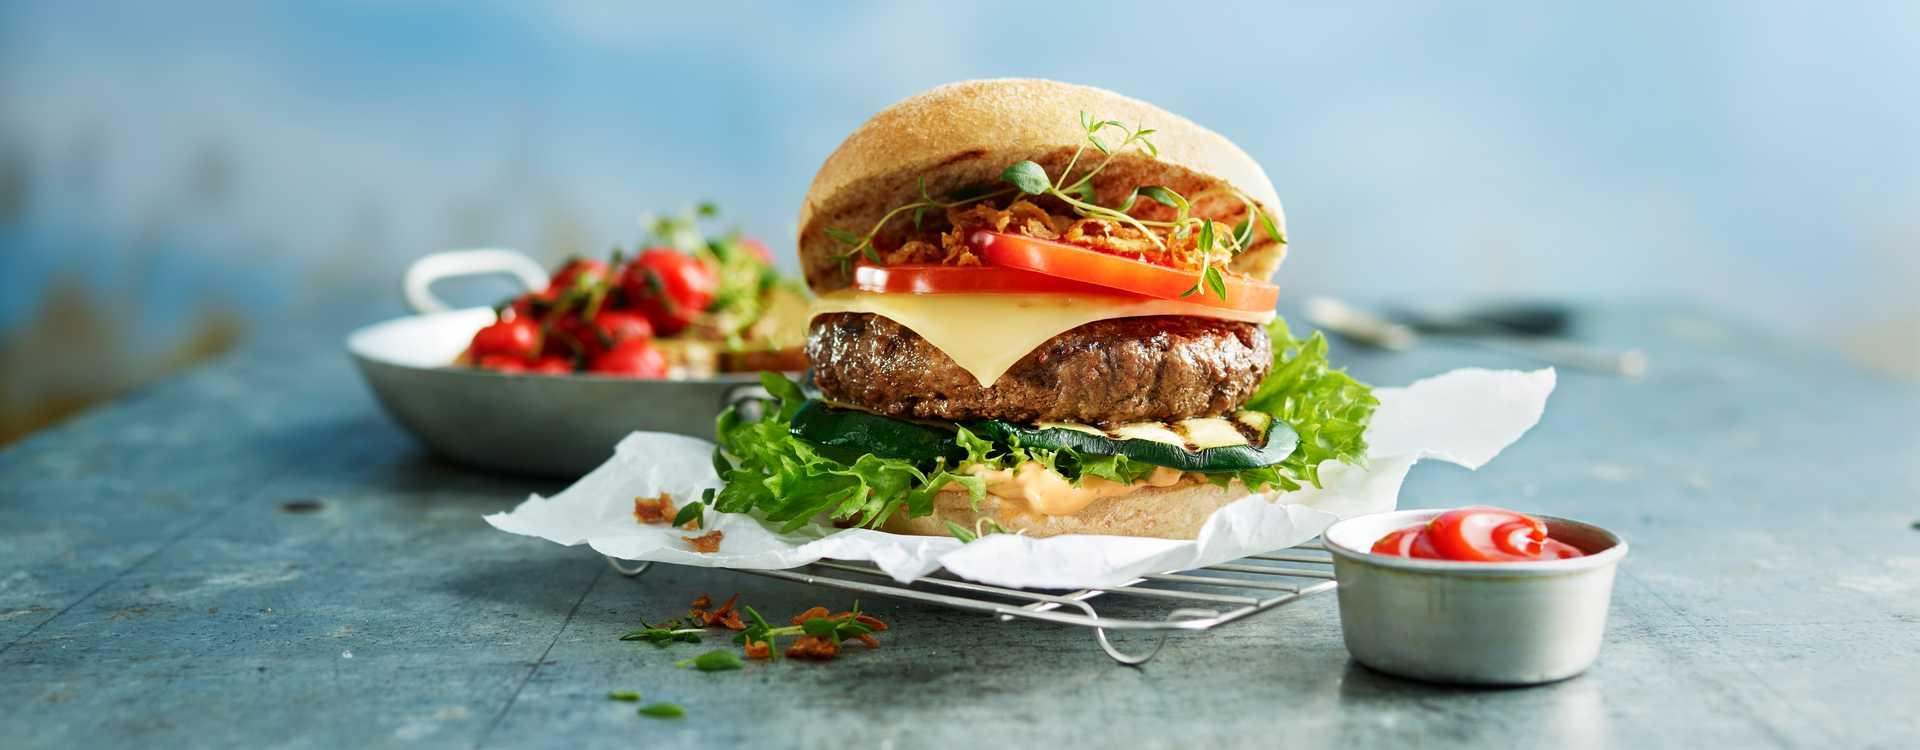 Baconburger med hjemmelaget ketchup